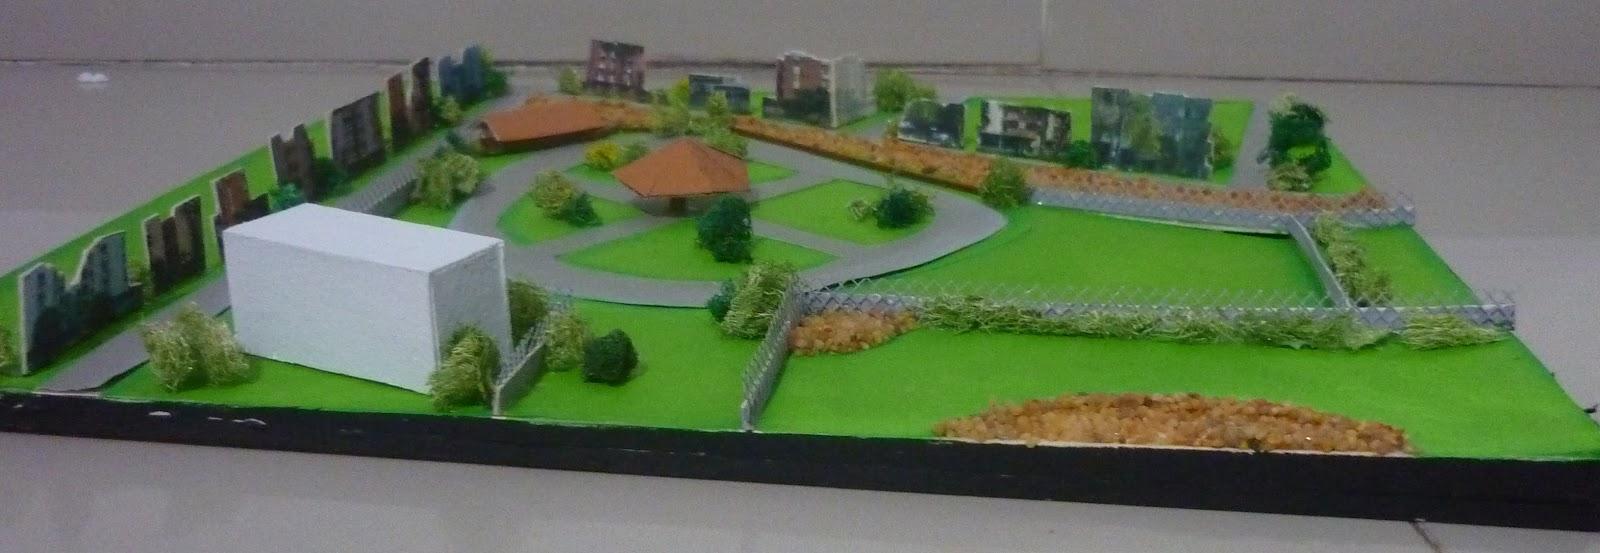 Maqueta del terreno con sus alrededores preescolar for Maquetas de jardines